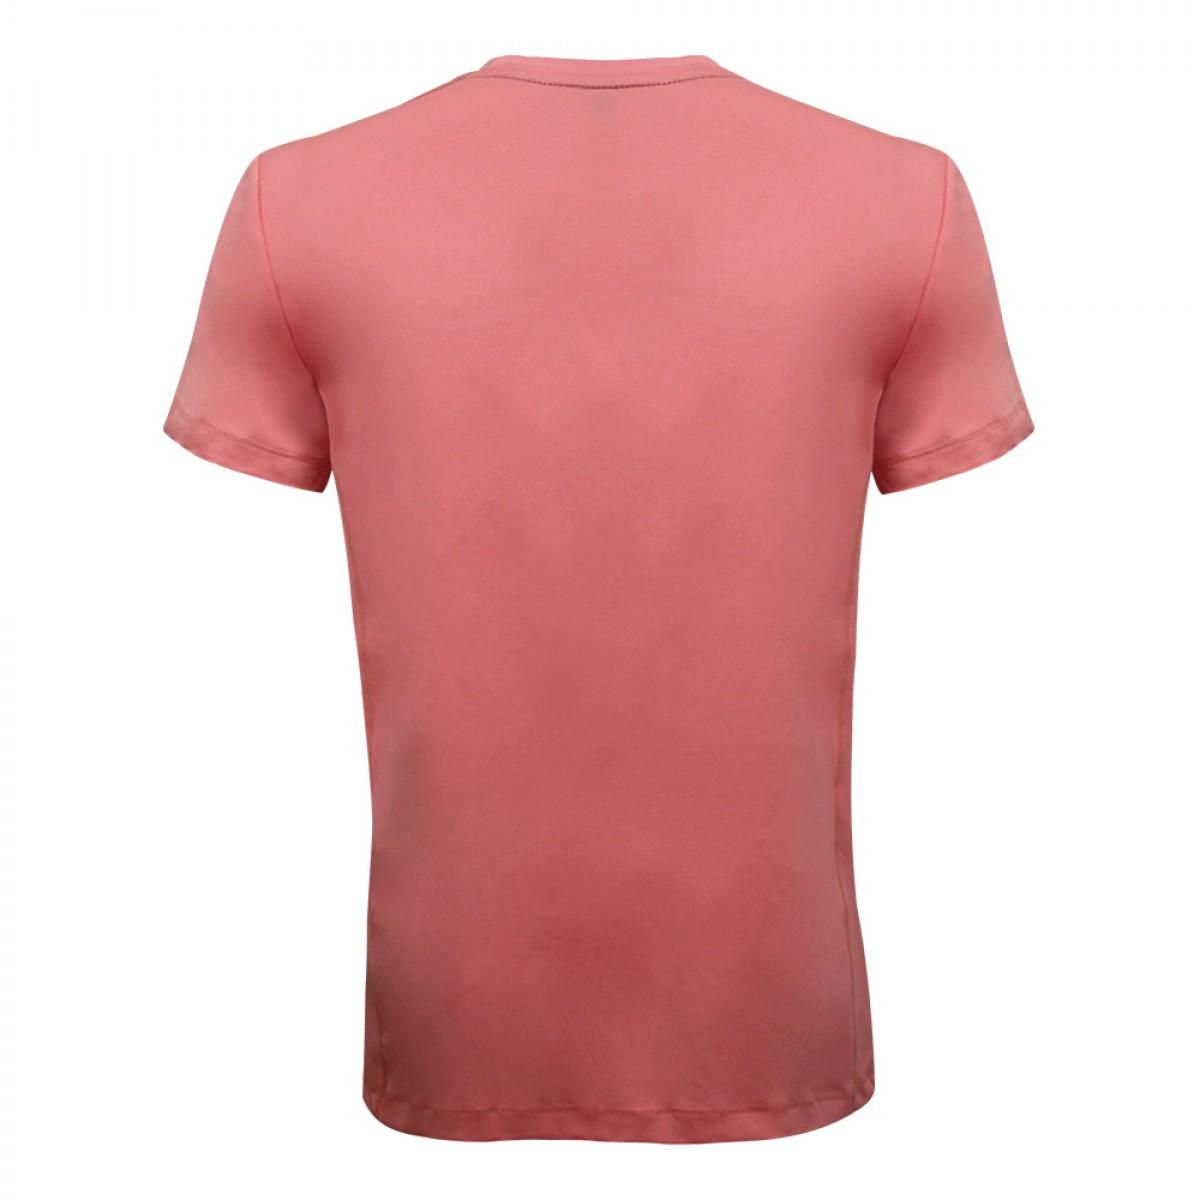 women-knit-round-neck-t-shirt-kkrt06911-4a